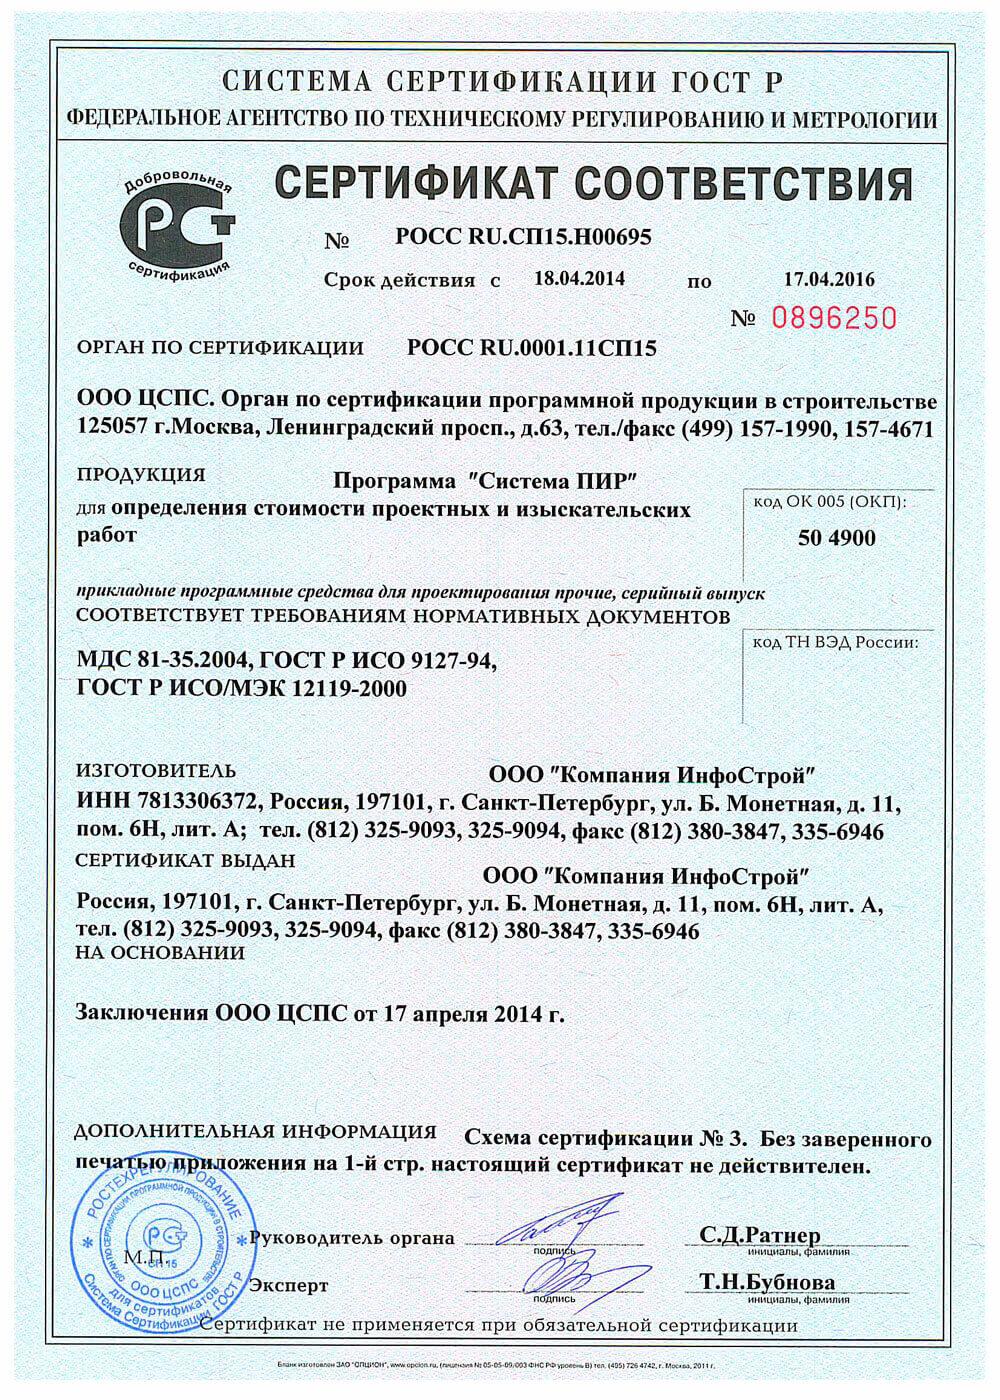 Сертификат соответствия нормам